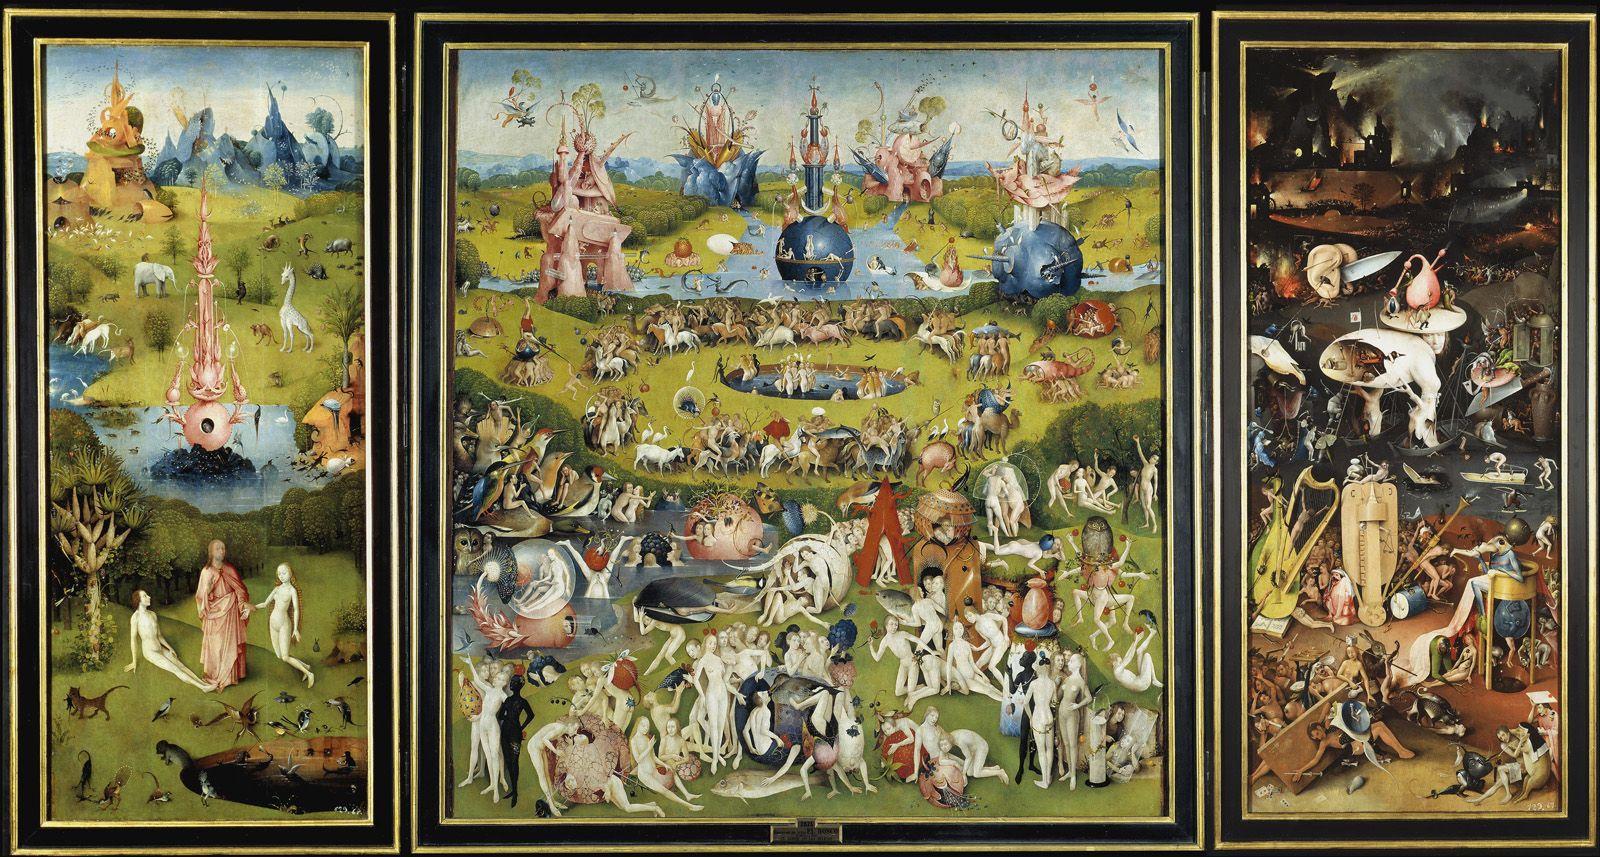 Le Jardin Des Delices Jerome Bosch Le Jardin Des Delices Bosch Peintre Jerome Bosch